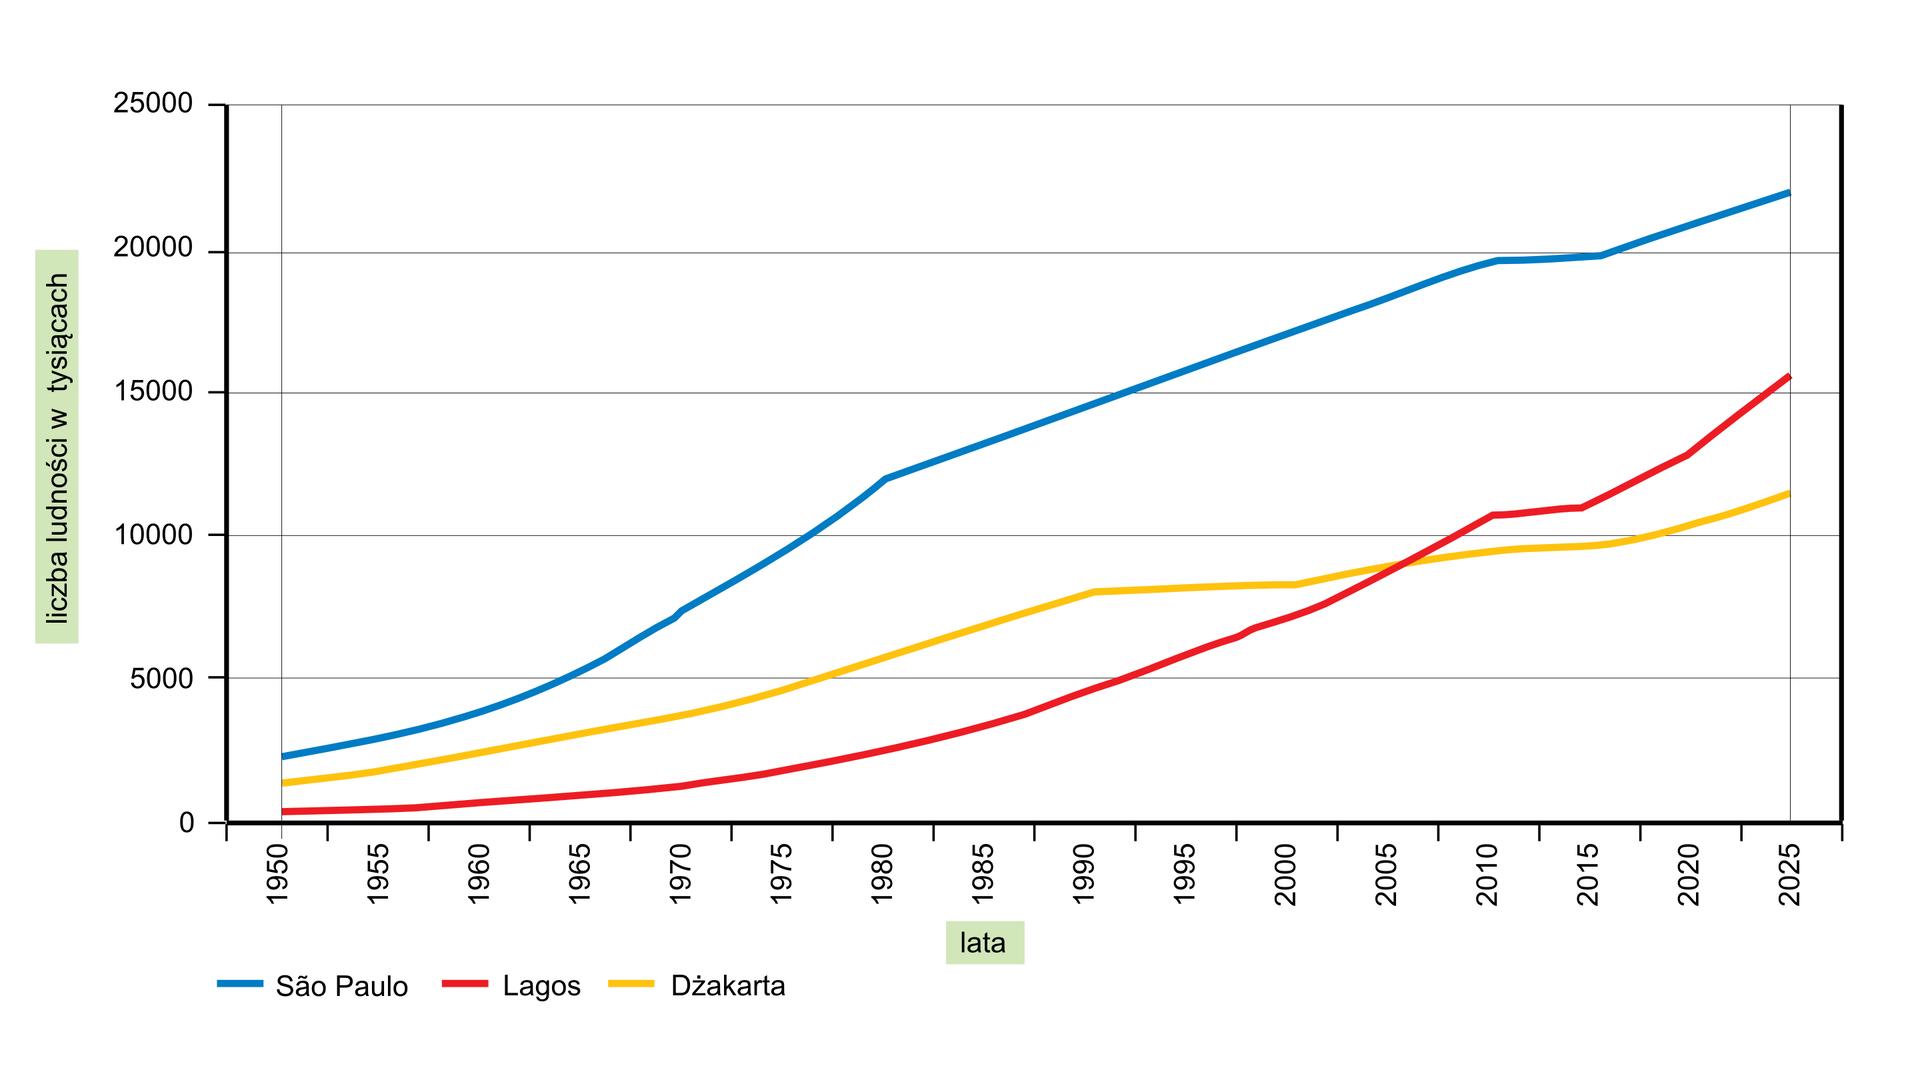 Na ilustracji wykres liniowy. Zlewej strony na osi pionowej podziałka od zera do dwudziestu pięciu tysięcy. Opis liczba ludności wtysiącach. Na osi poziomej opisane lata od od tysiąc dziewięćset pięćdziesiąt do dwa tysiące dwadzieścia pięć. Kolorowymi liniami zaznaczono zmiany liczby ludności wwybranych megamiastach krajów rozwijających się: Sao Paulo, Lagos, Dżakarta. Tendencja zdecydowanie rosnąca.